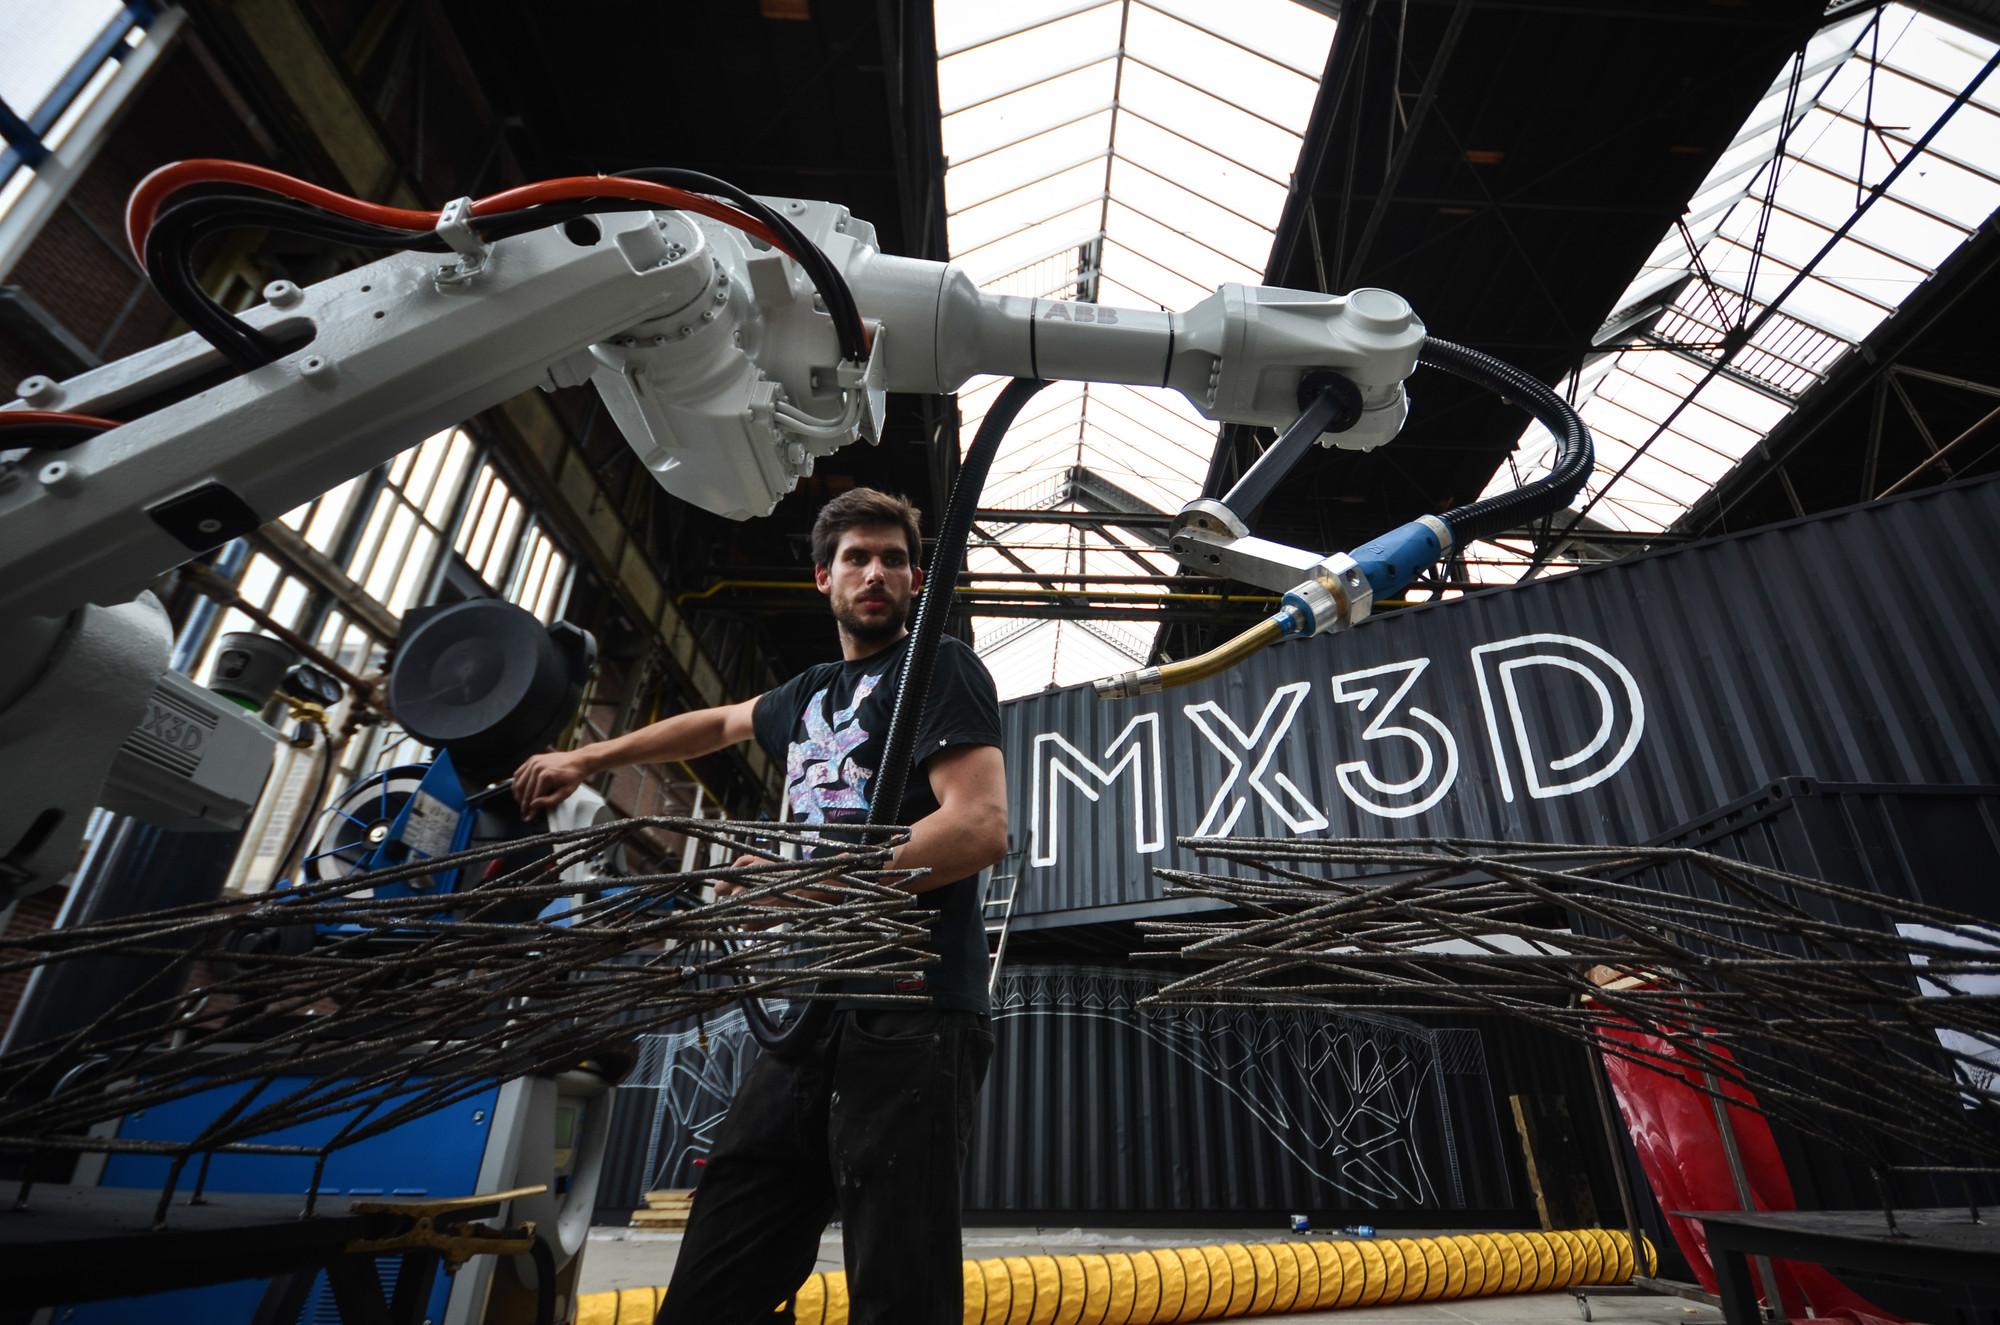 3d printing, Alan Turing, algoritmos evolutivos, algoritmos generativos, AMS, autodesk, impresión 3d, Joris Laarman, MX3D, puente de acero, Robotica